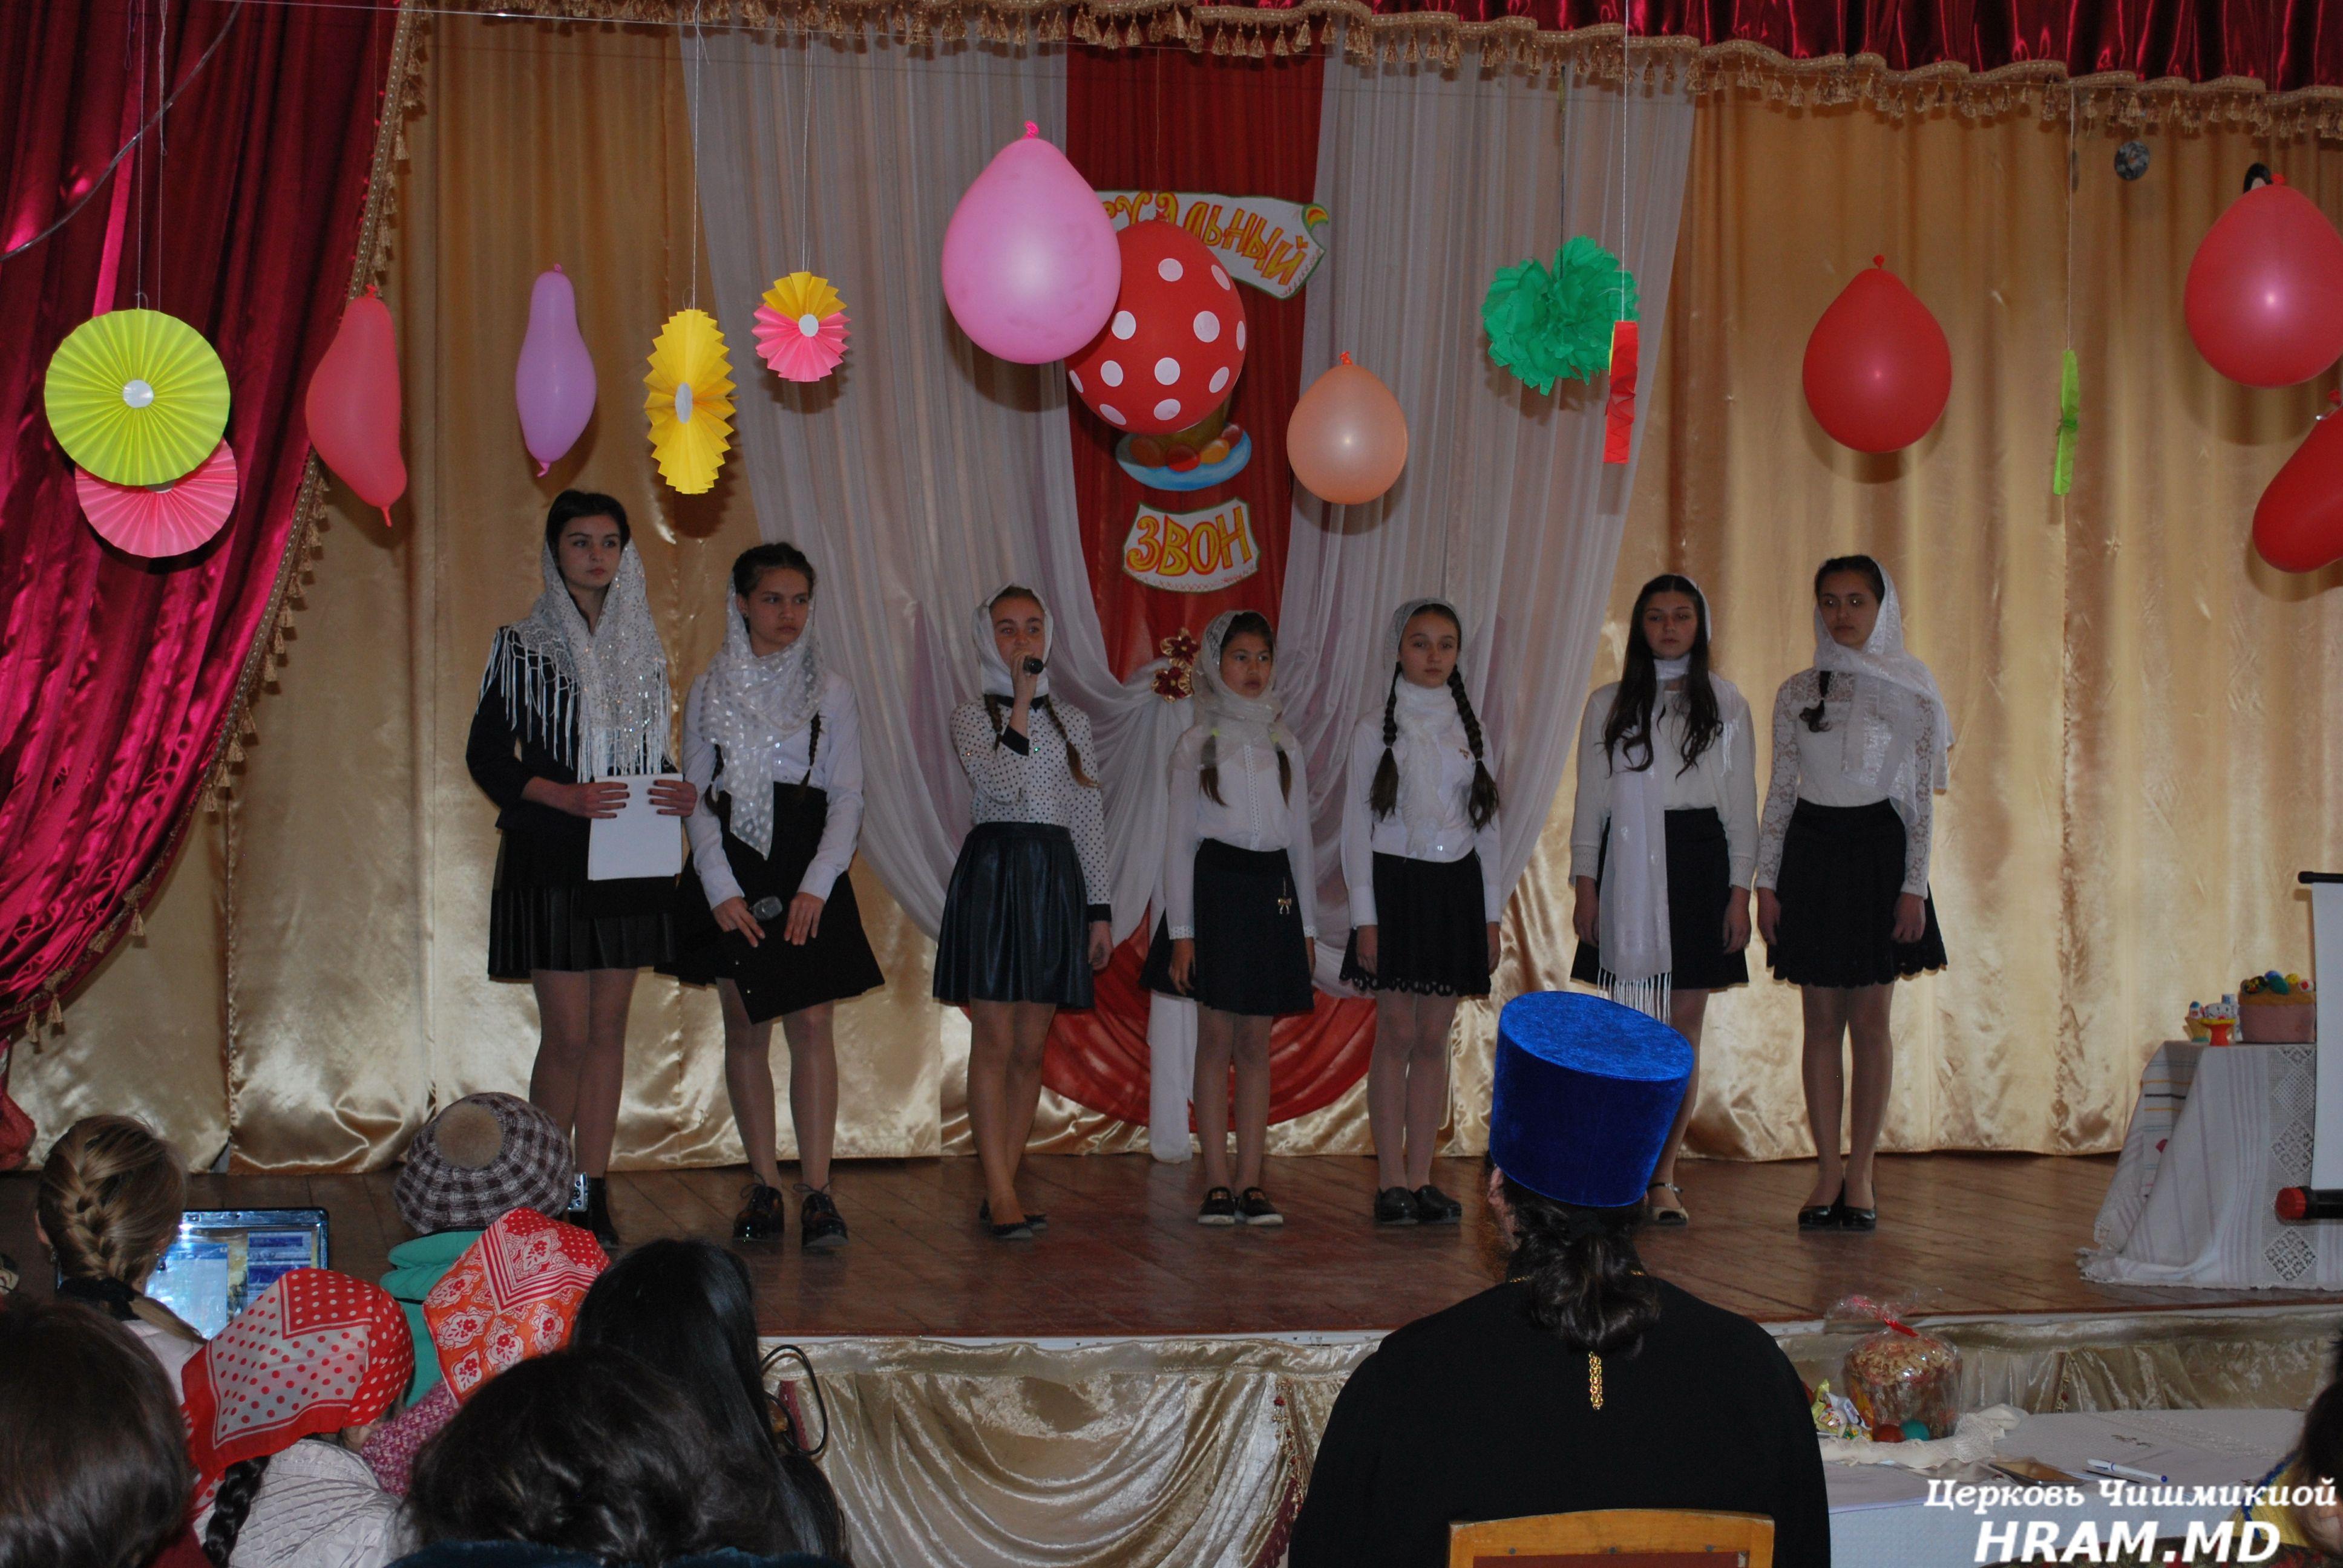 Пасхальный конкурс прошел с участием учащихся лицея и гимназии села Чишмикиой